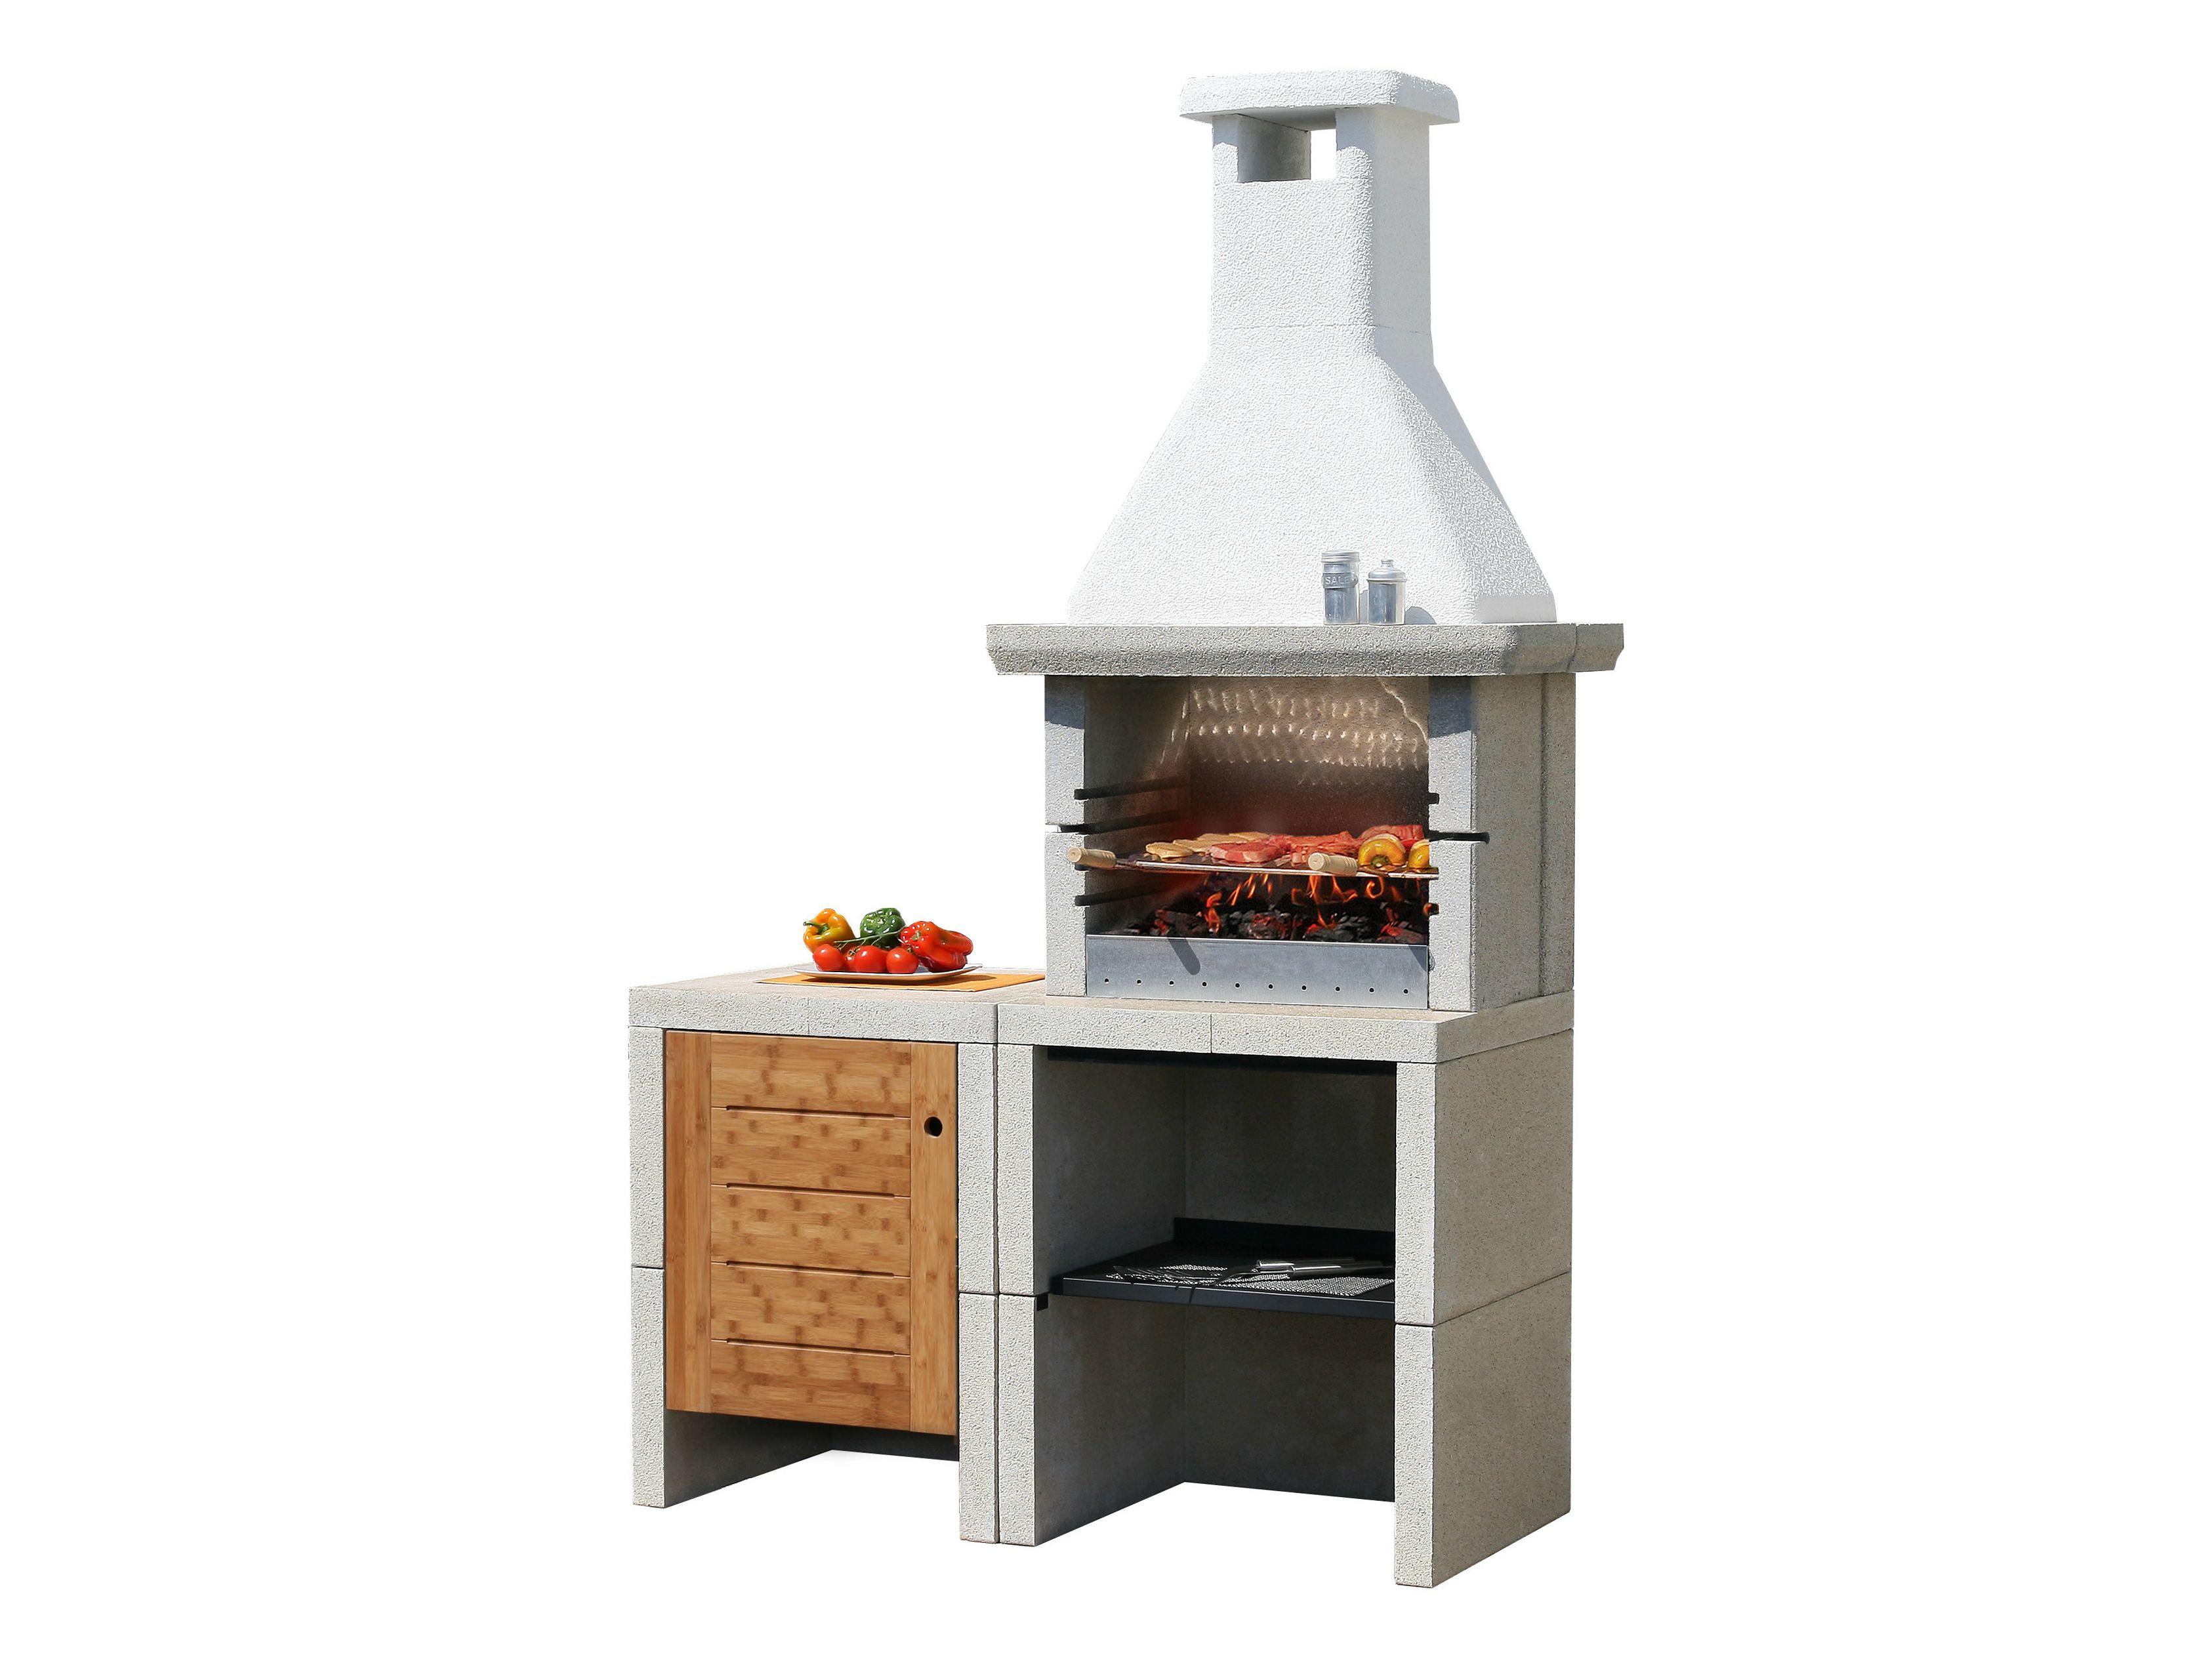 Cocina para exteriores con barbacoa melody 2 by sunday - Cocinas de exterior con barbacoa ...